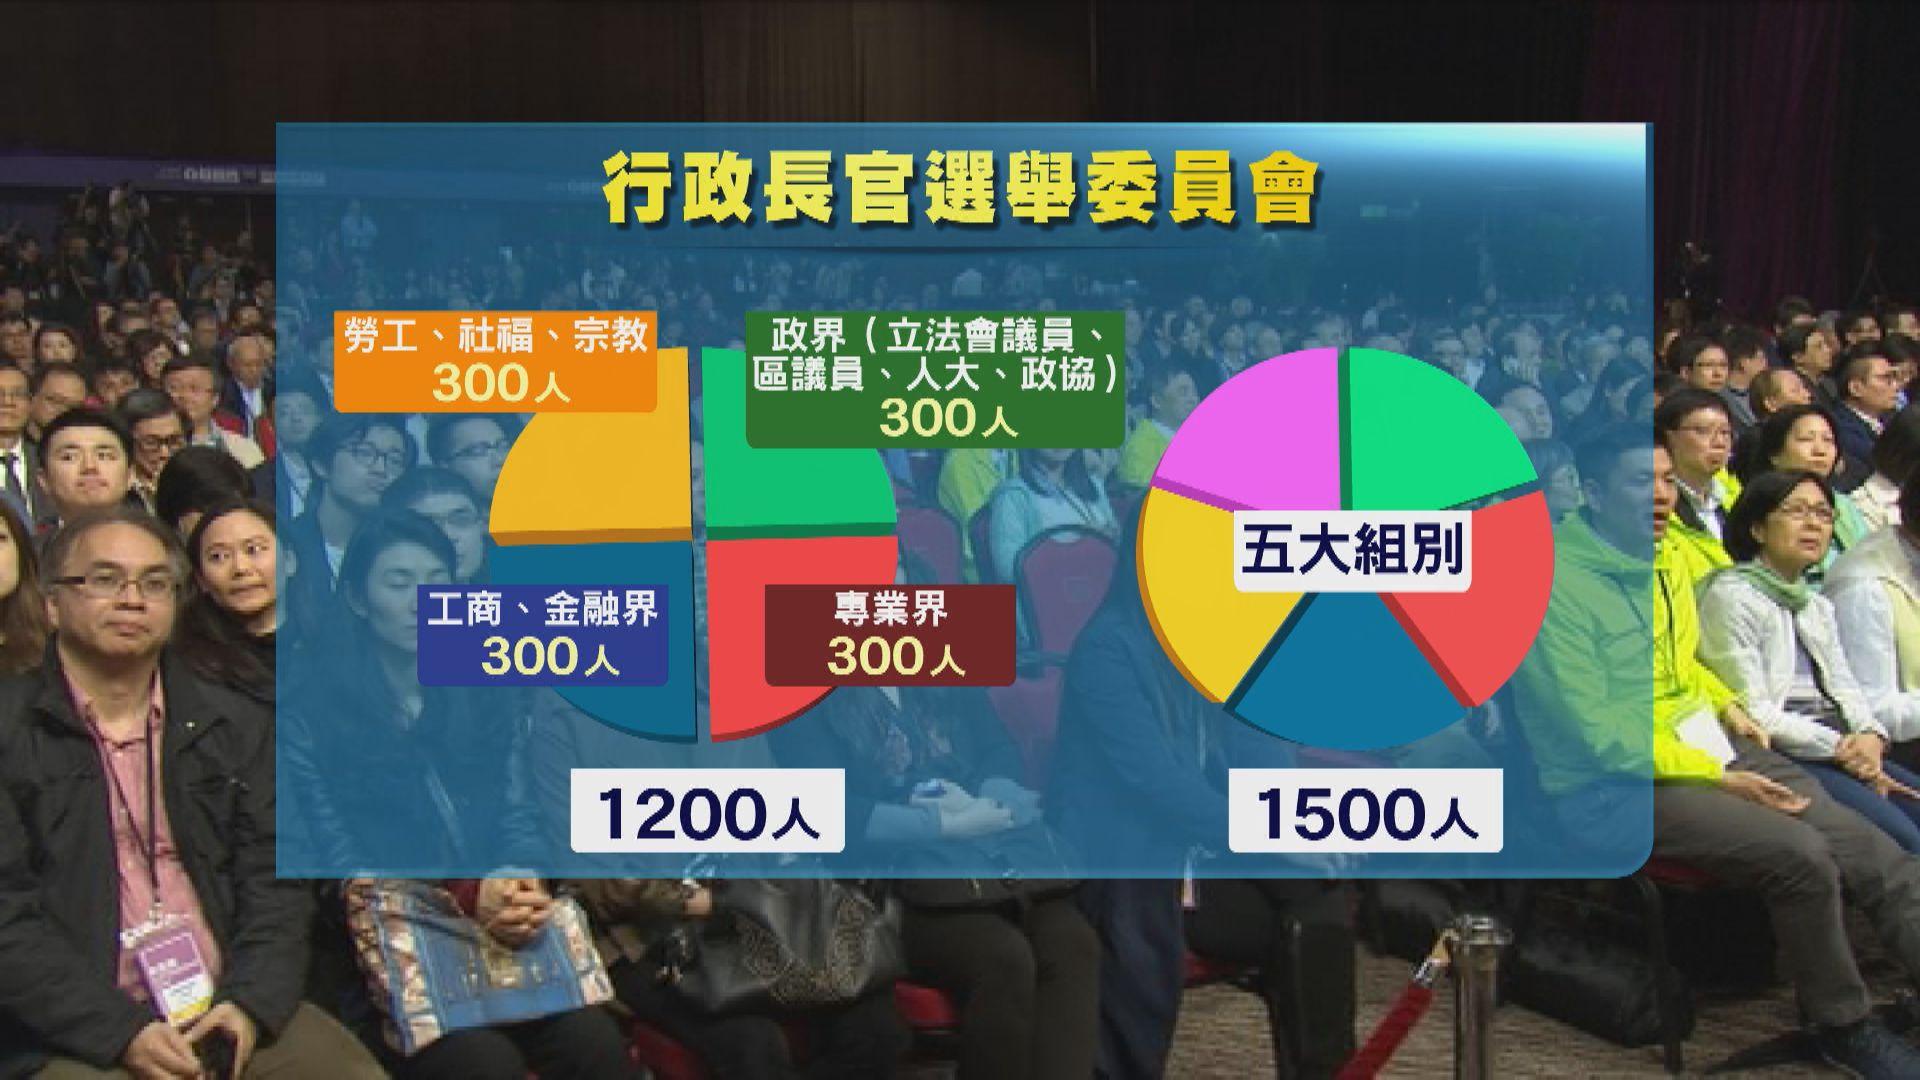 消息︰選委會增至1500人 取消超級區議會議席加入政協